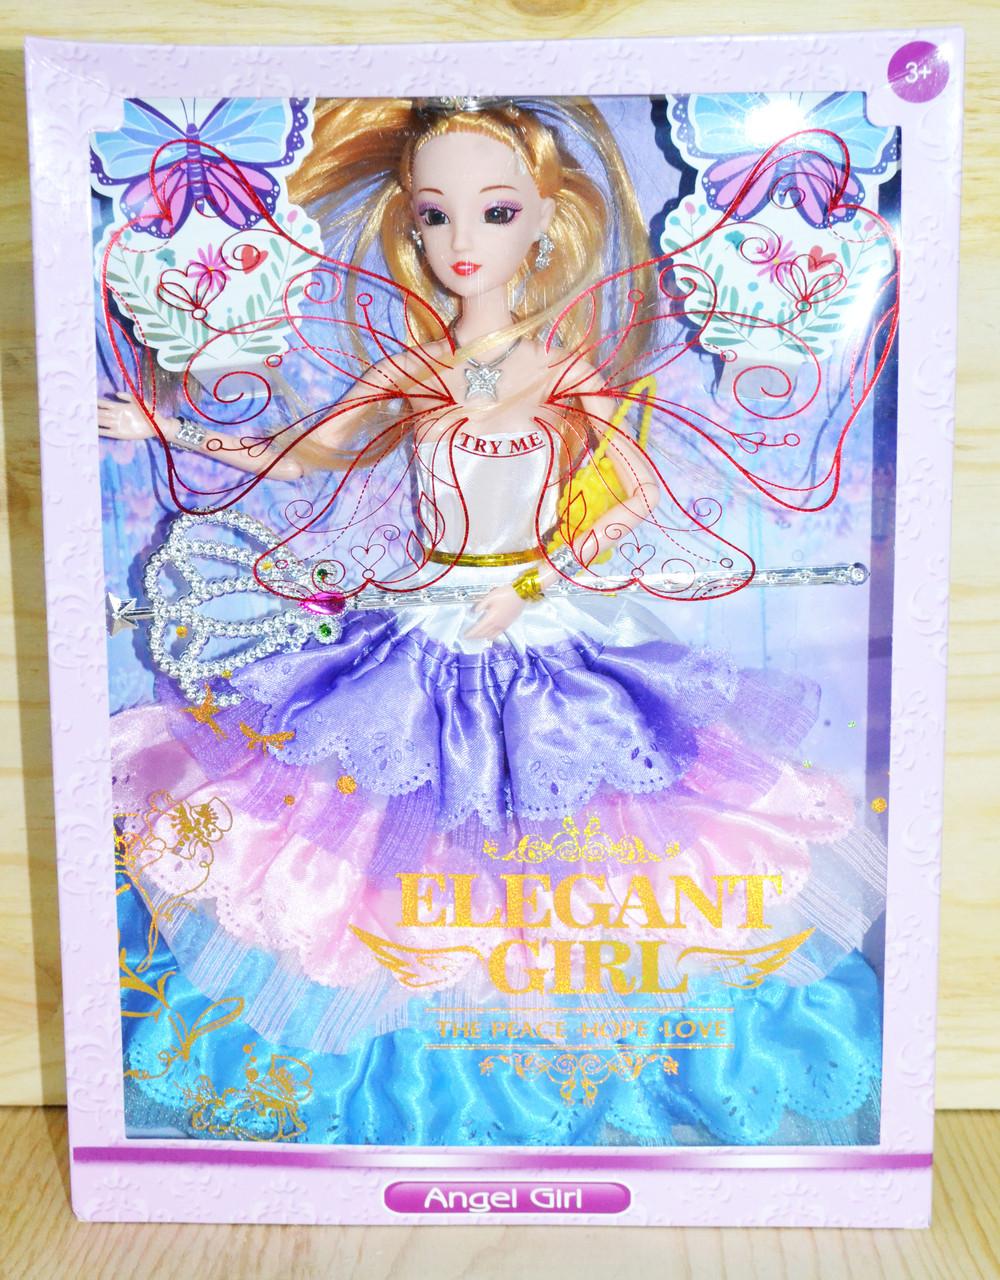 099-5 Кукла Angel Girl-Elegant Girl с волшебной палочкой в пышном платье 32*24см